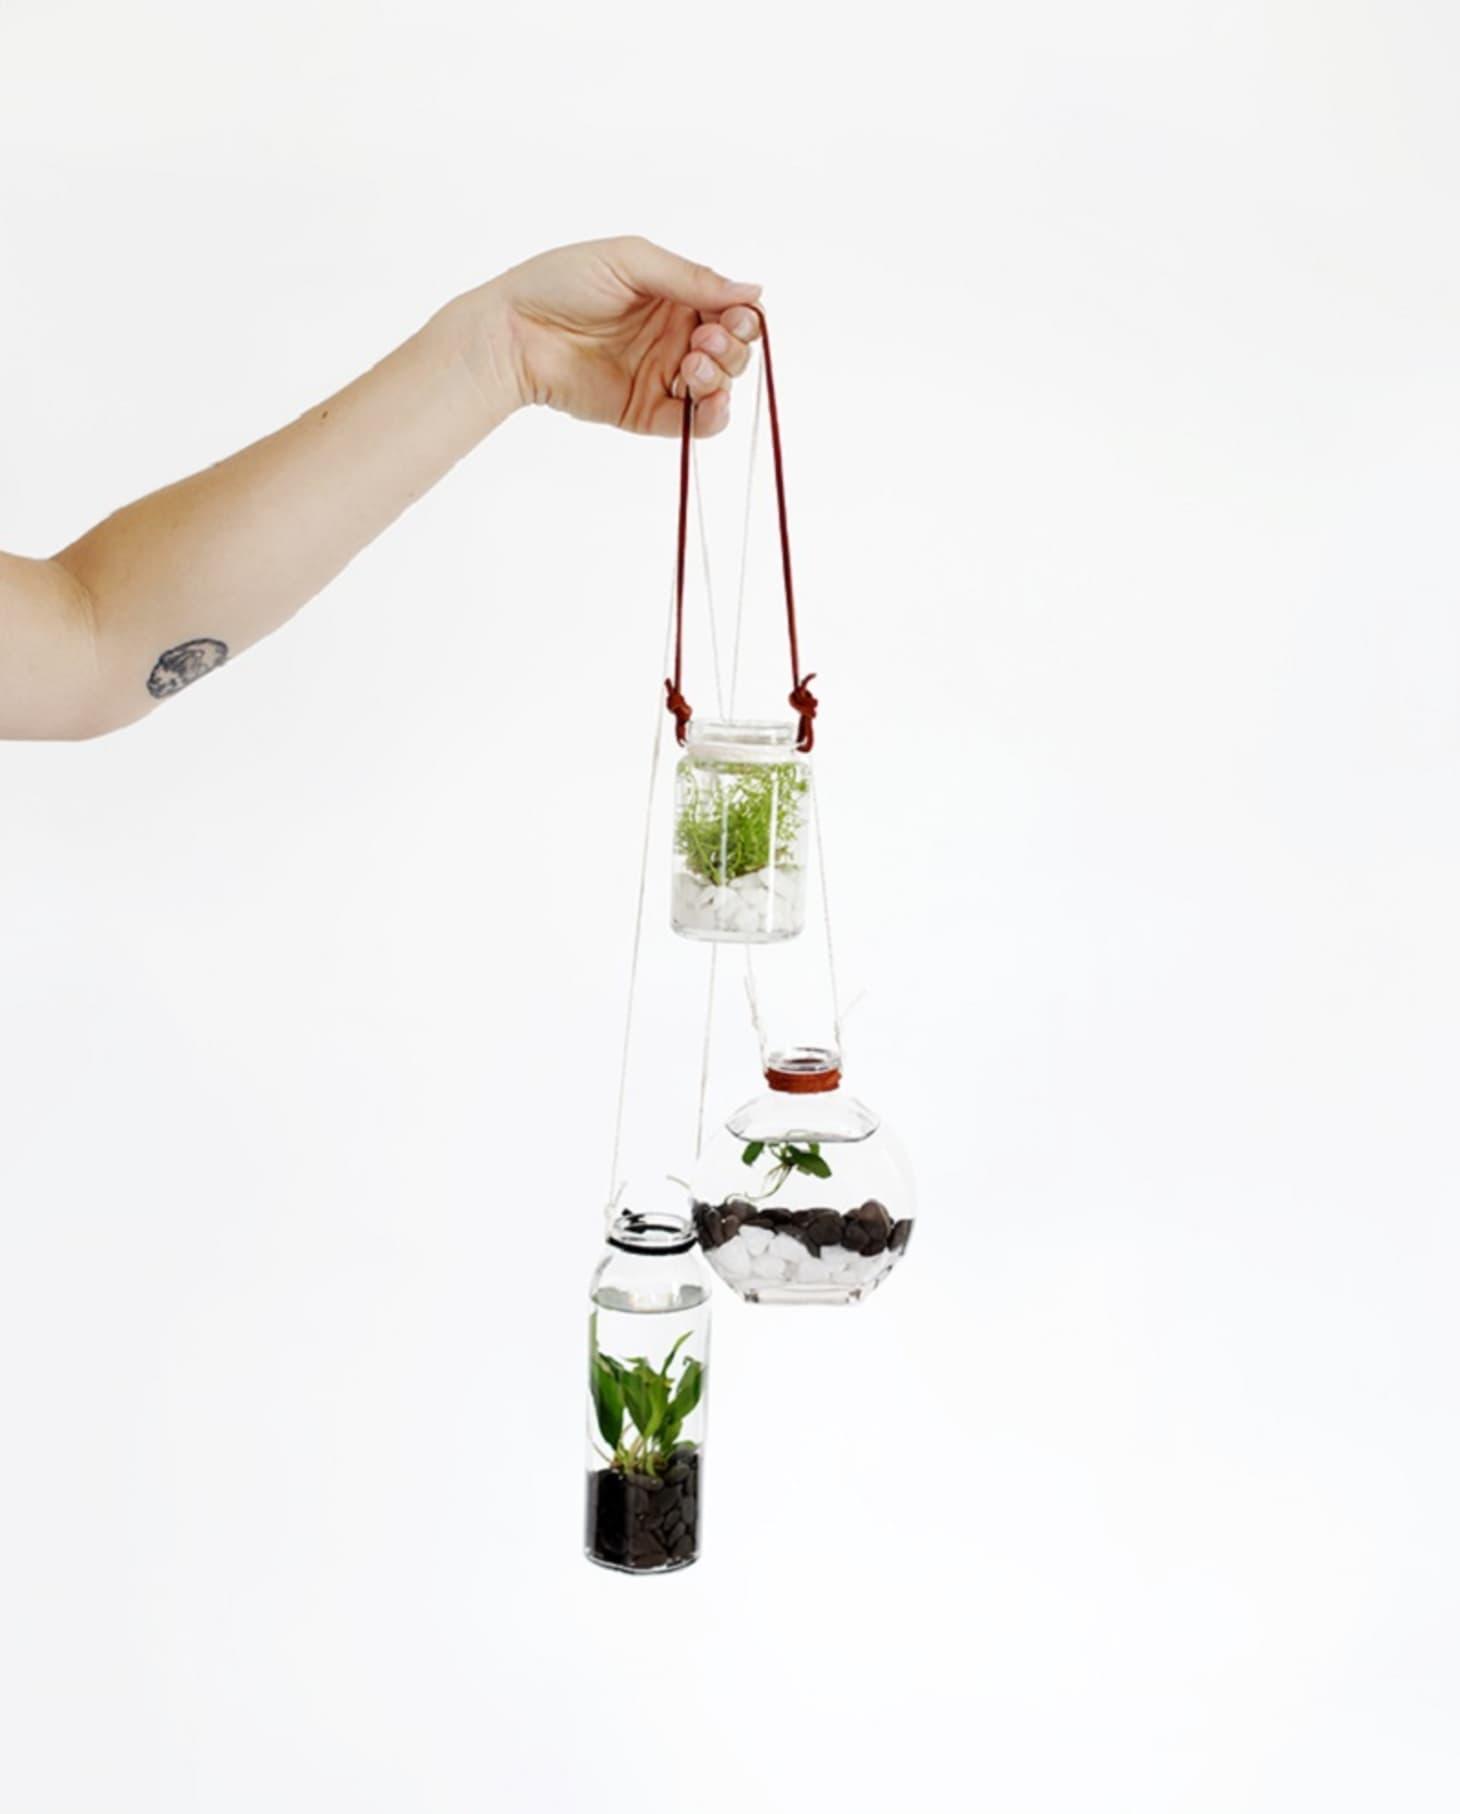 12 DIY Hanging Planters To Make